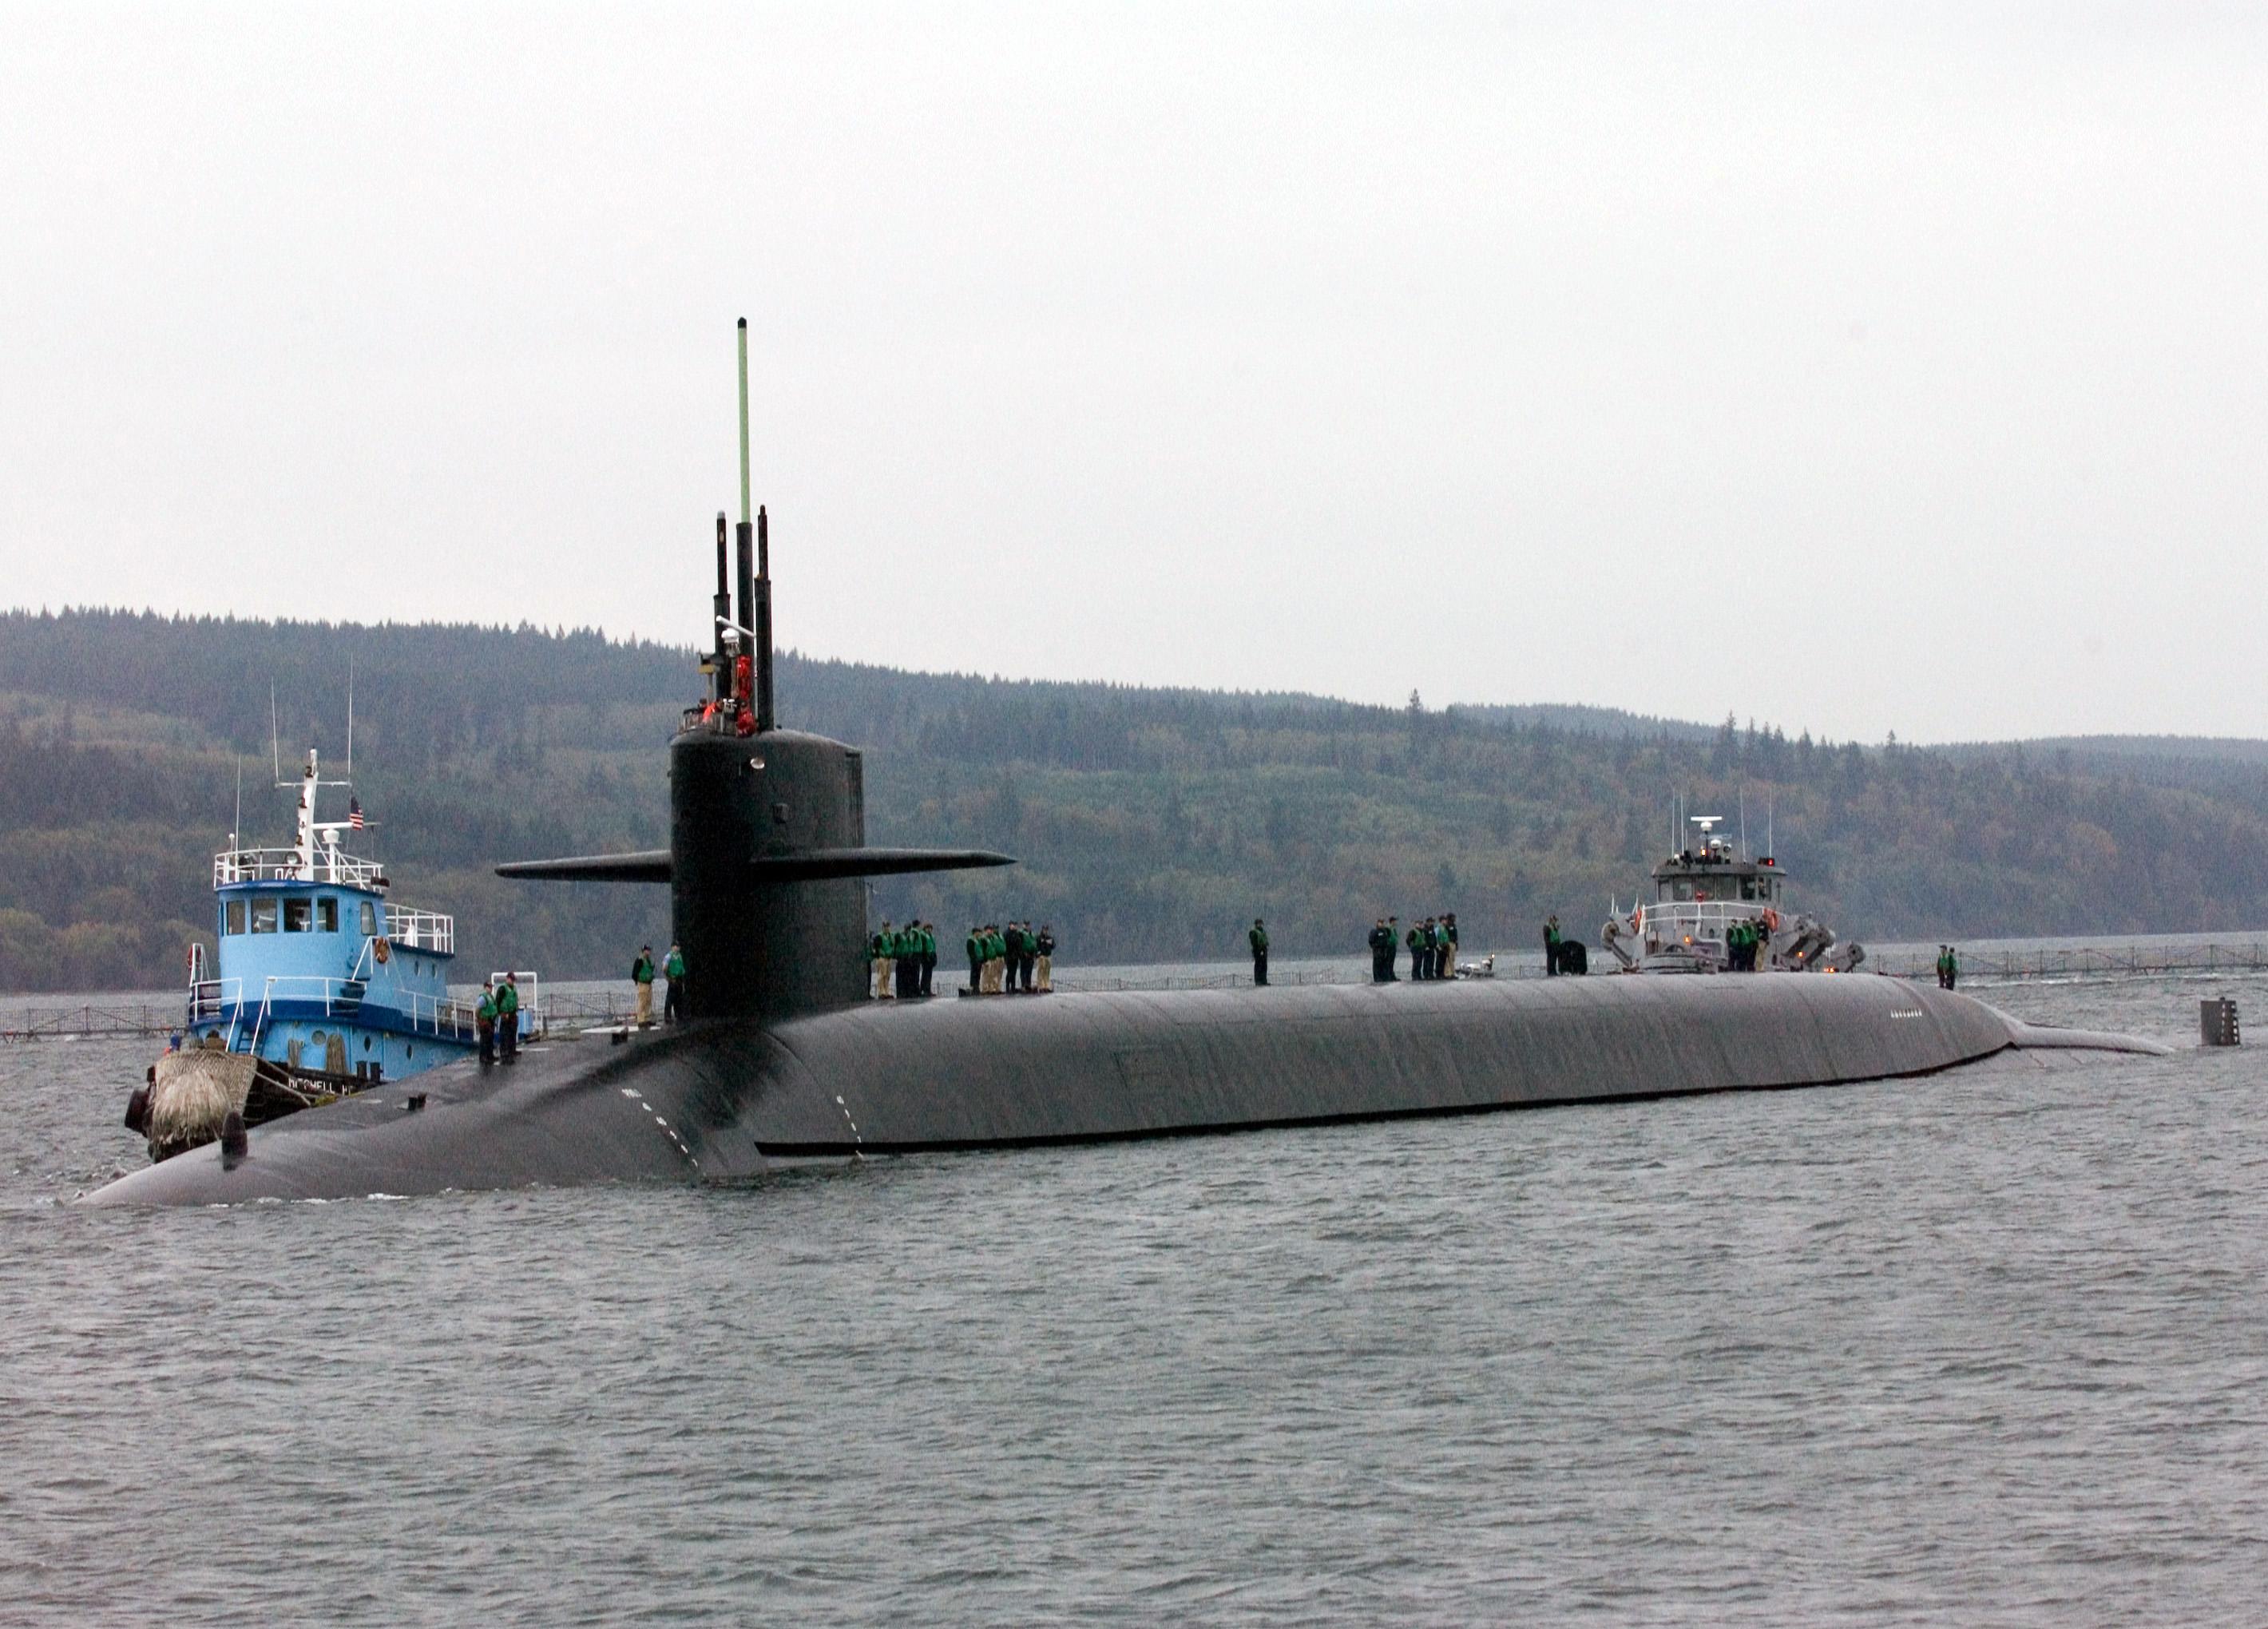 Ohio-class submarine - Wikipedia